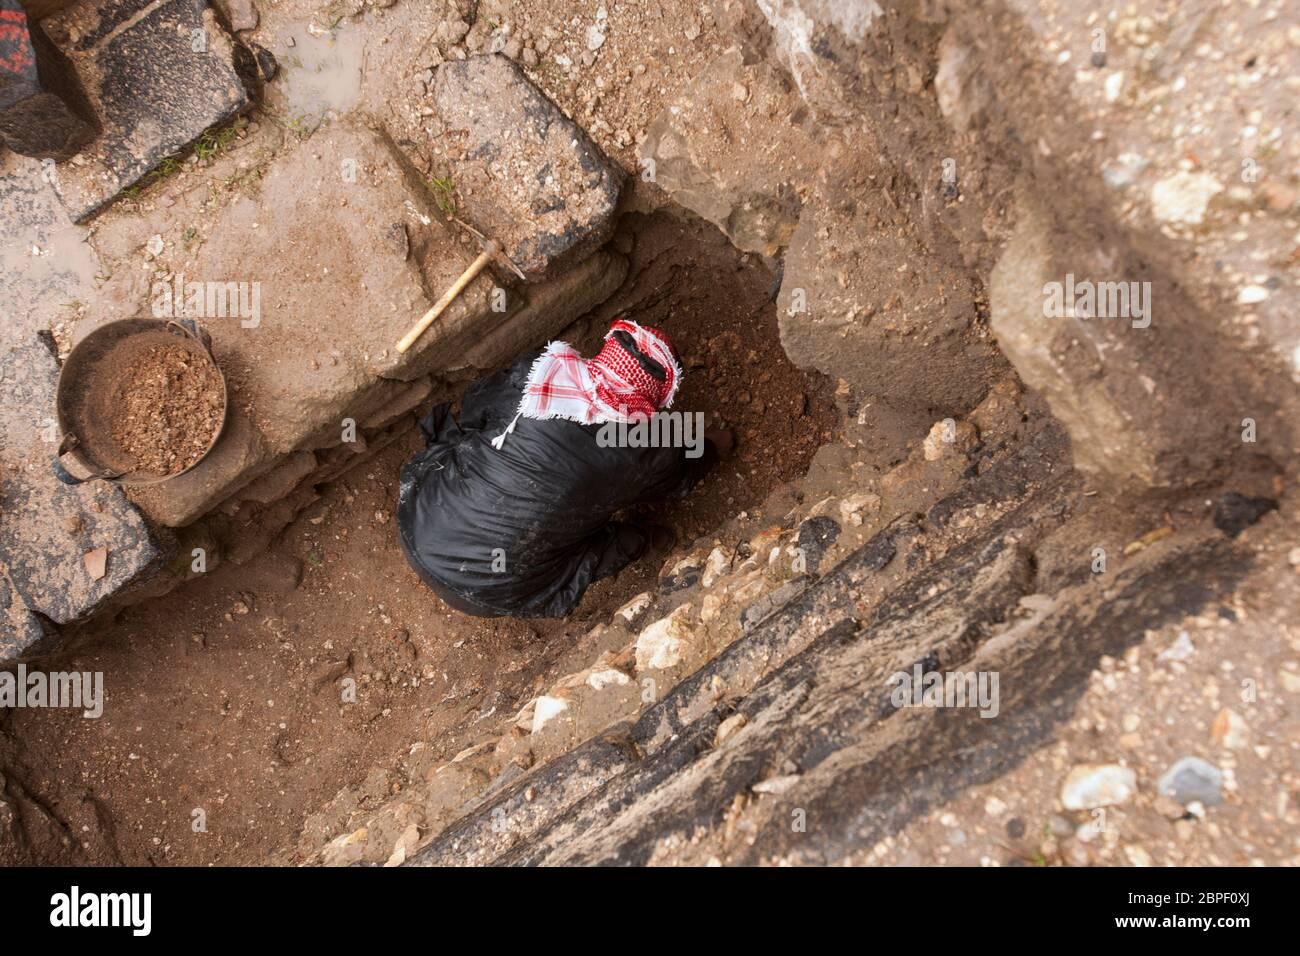 Un jordanien portant des héaddres de shemagh keffiyeh à carreaux rouges et blancs travaillant dans un site archéologique de l'ancienne Gadara ou Gedaris également connu sous le nom d'Umm Qais ou Qays dans le nord-ouest de la Jordanie Banque D'Images